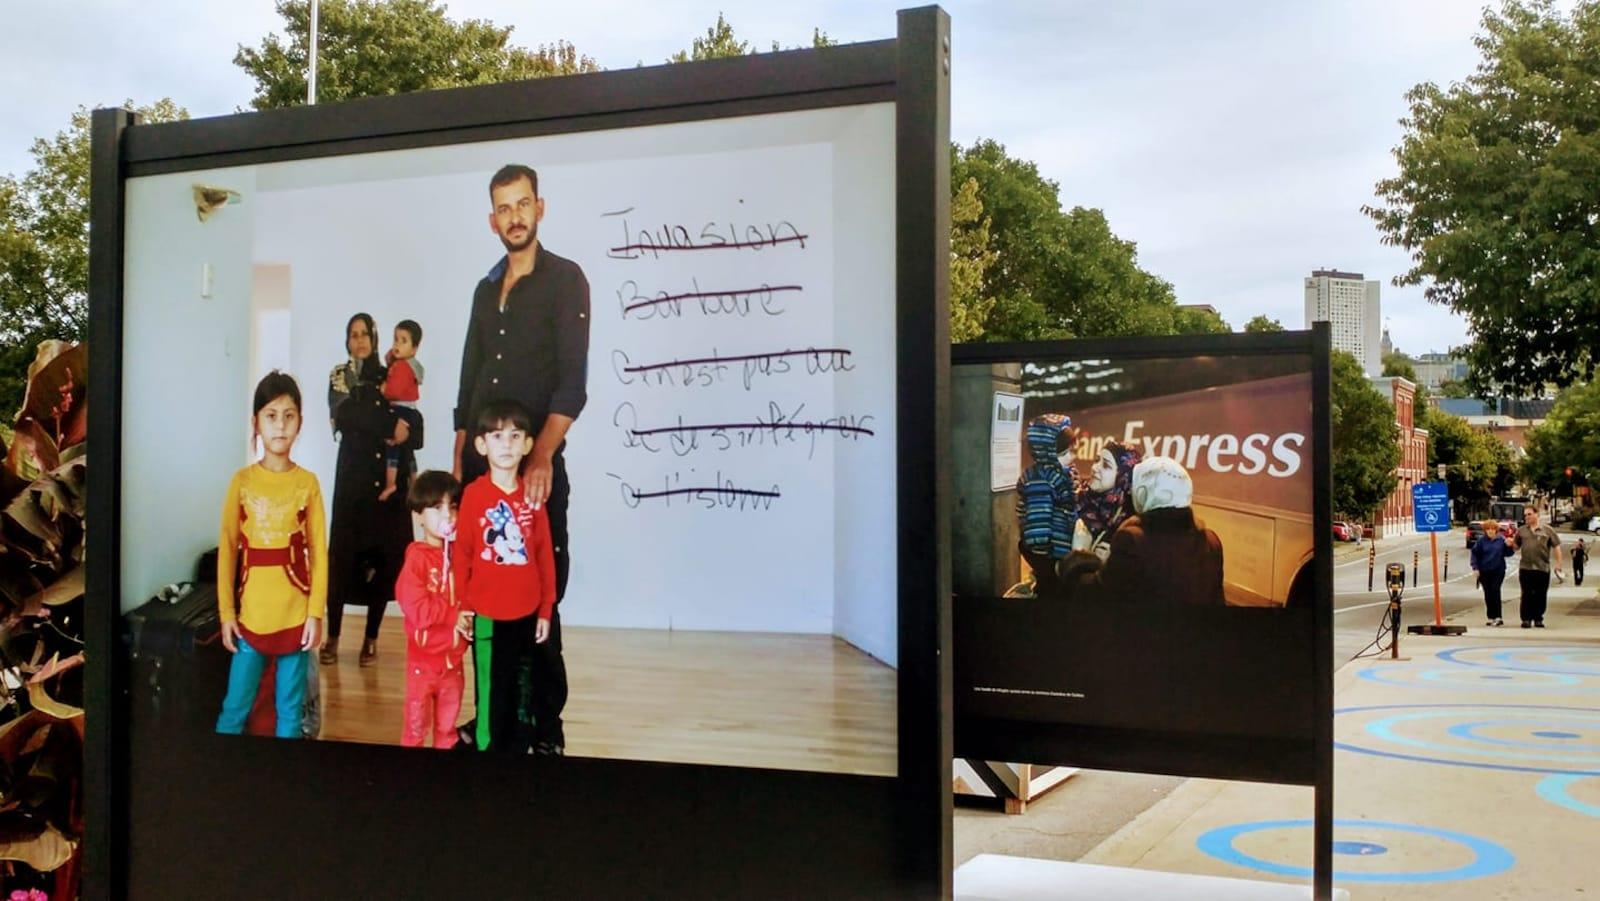 Une photo montrant une famille d'immigrants à Québec vandalisées avec l'écriture : « Invasion barbare, ce n'est pas au Québec de s'intégrer à l'islam. »